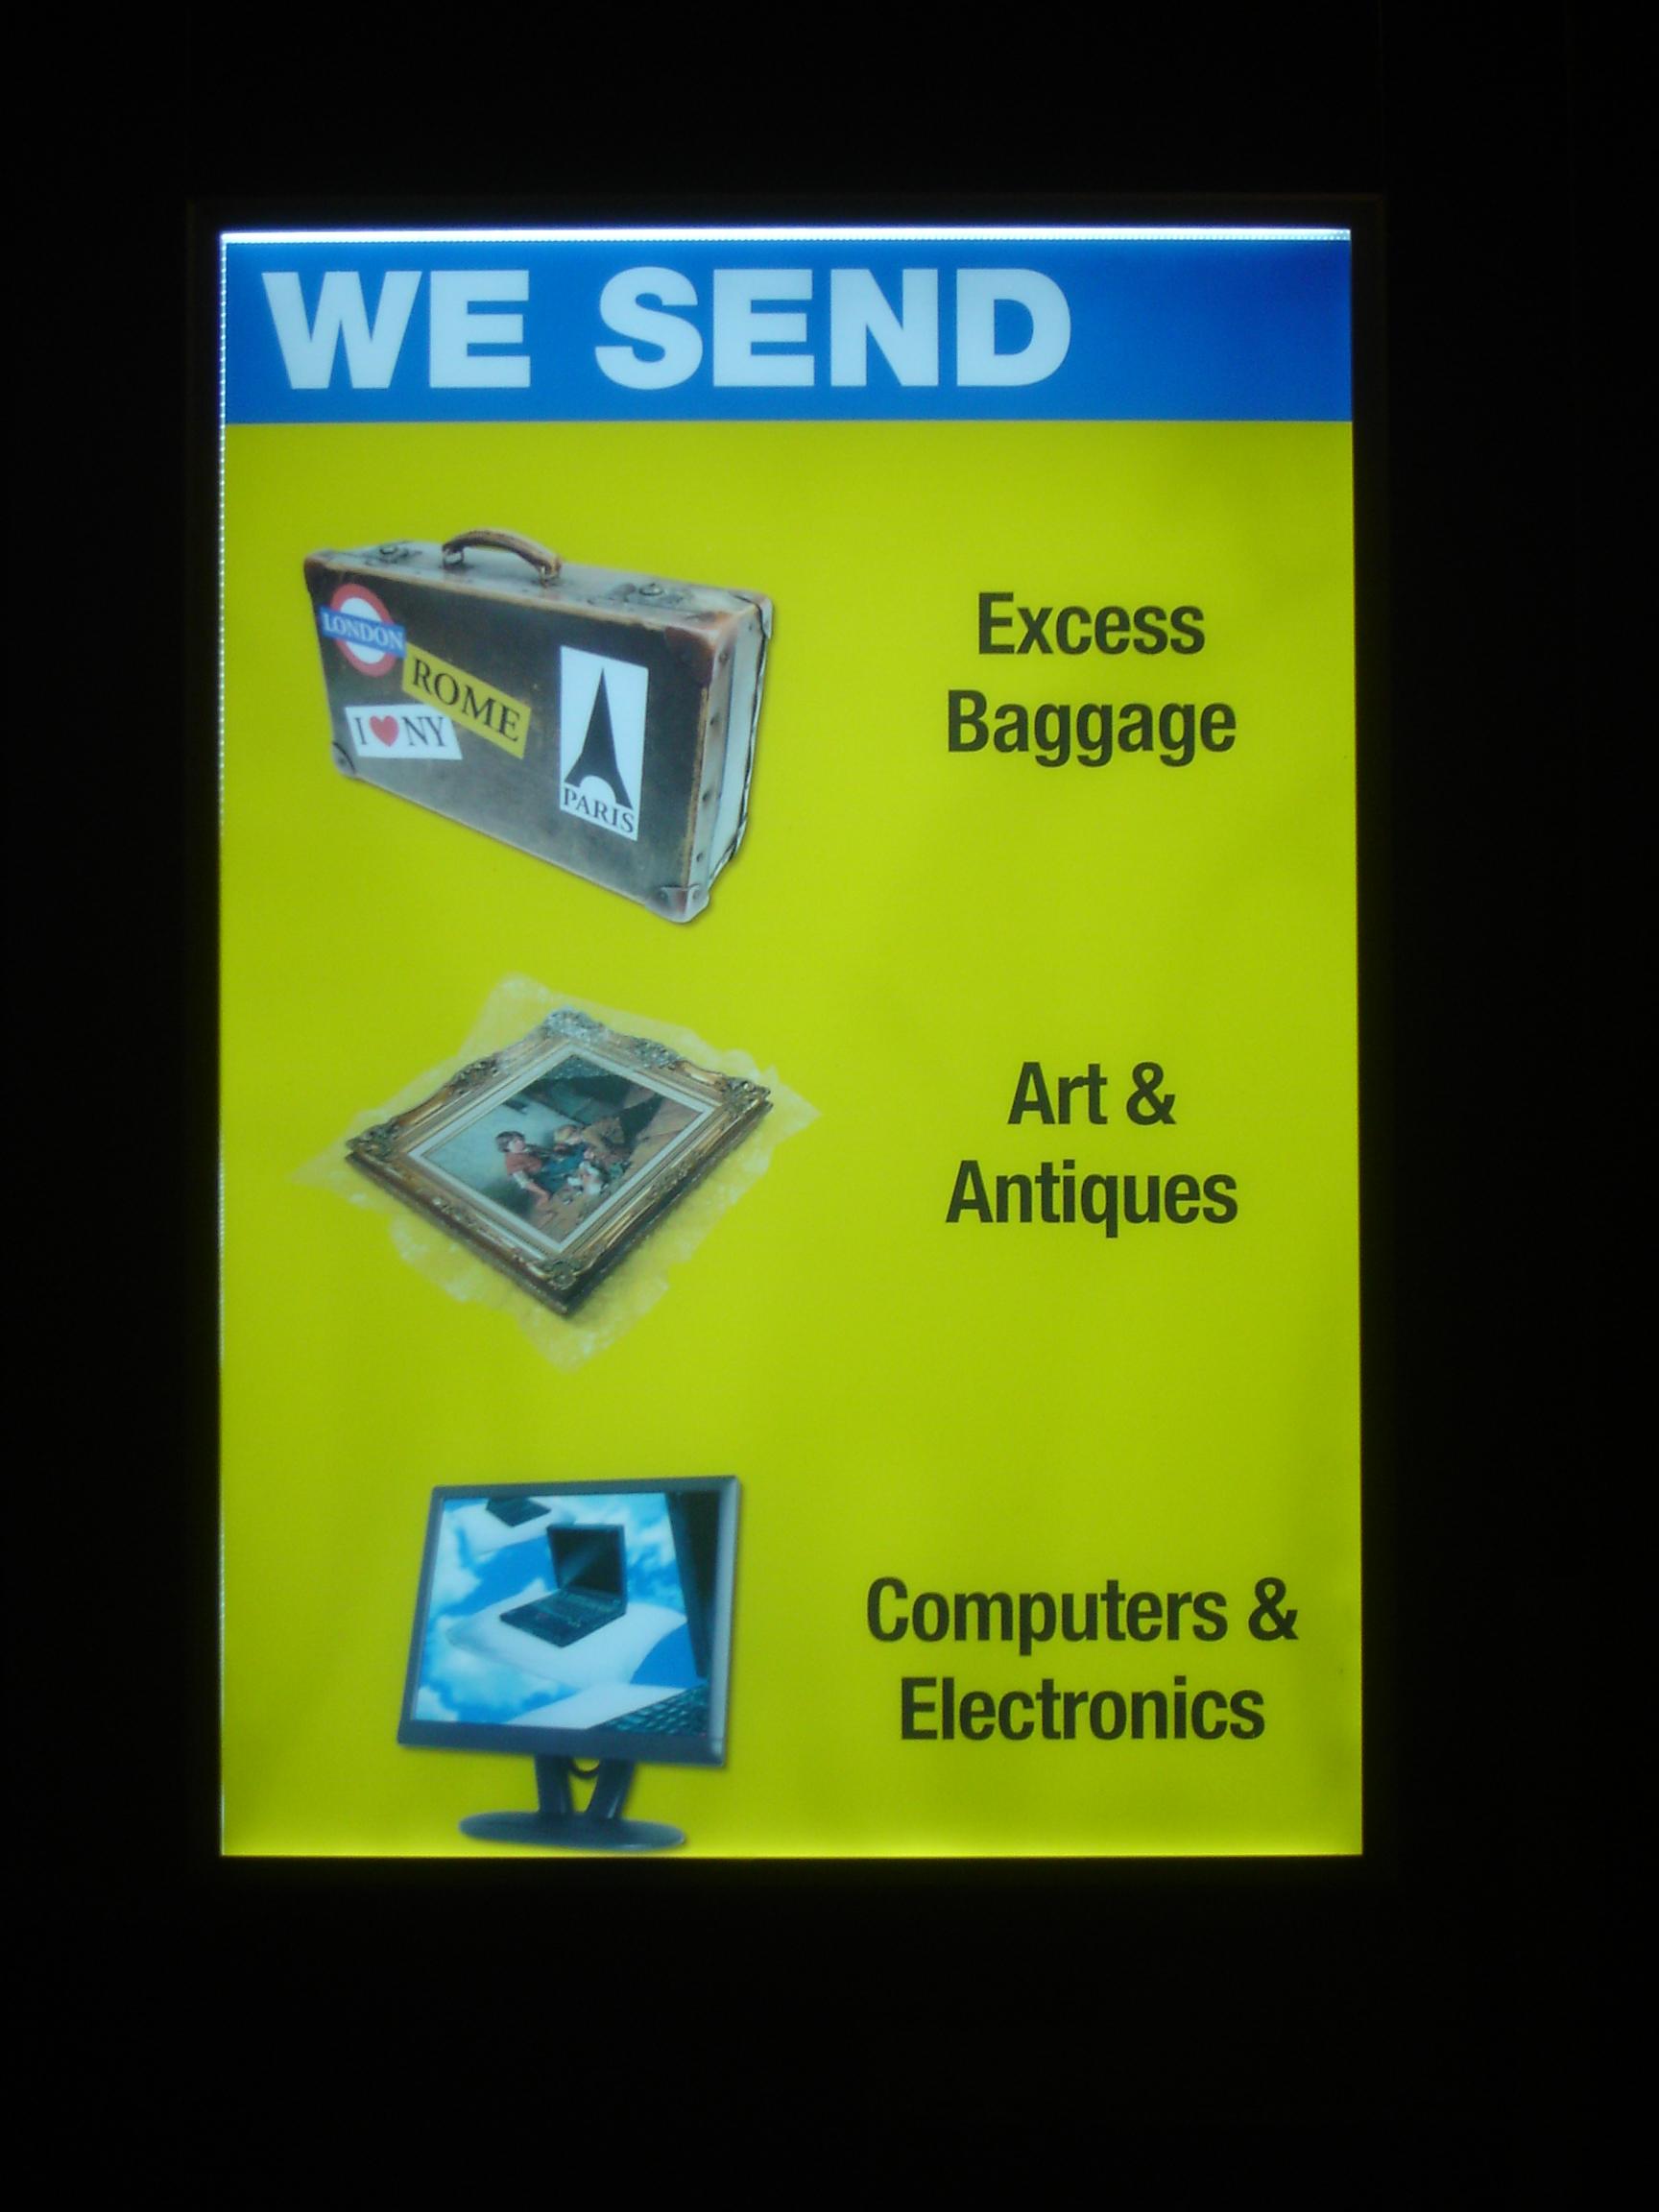 pack n send print.JPG